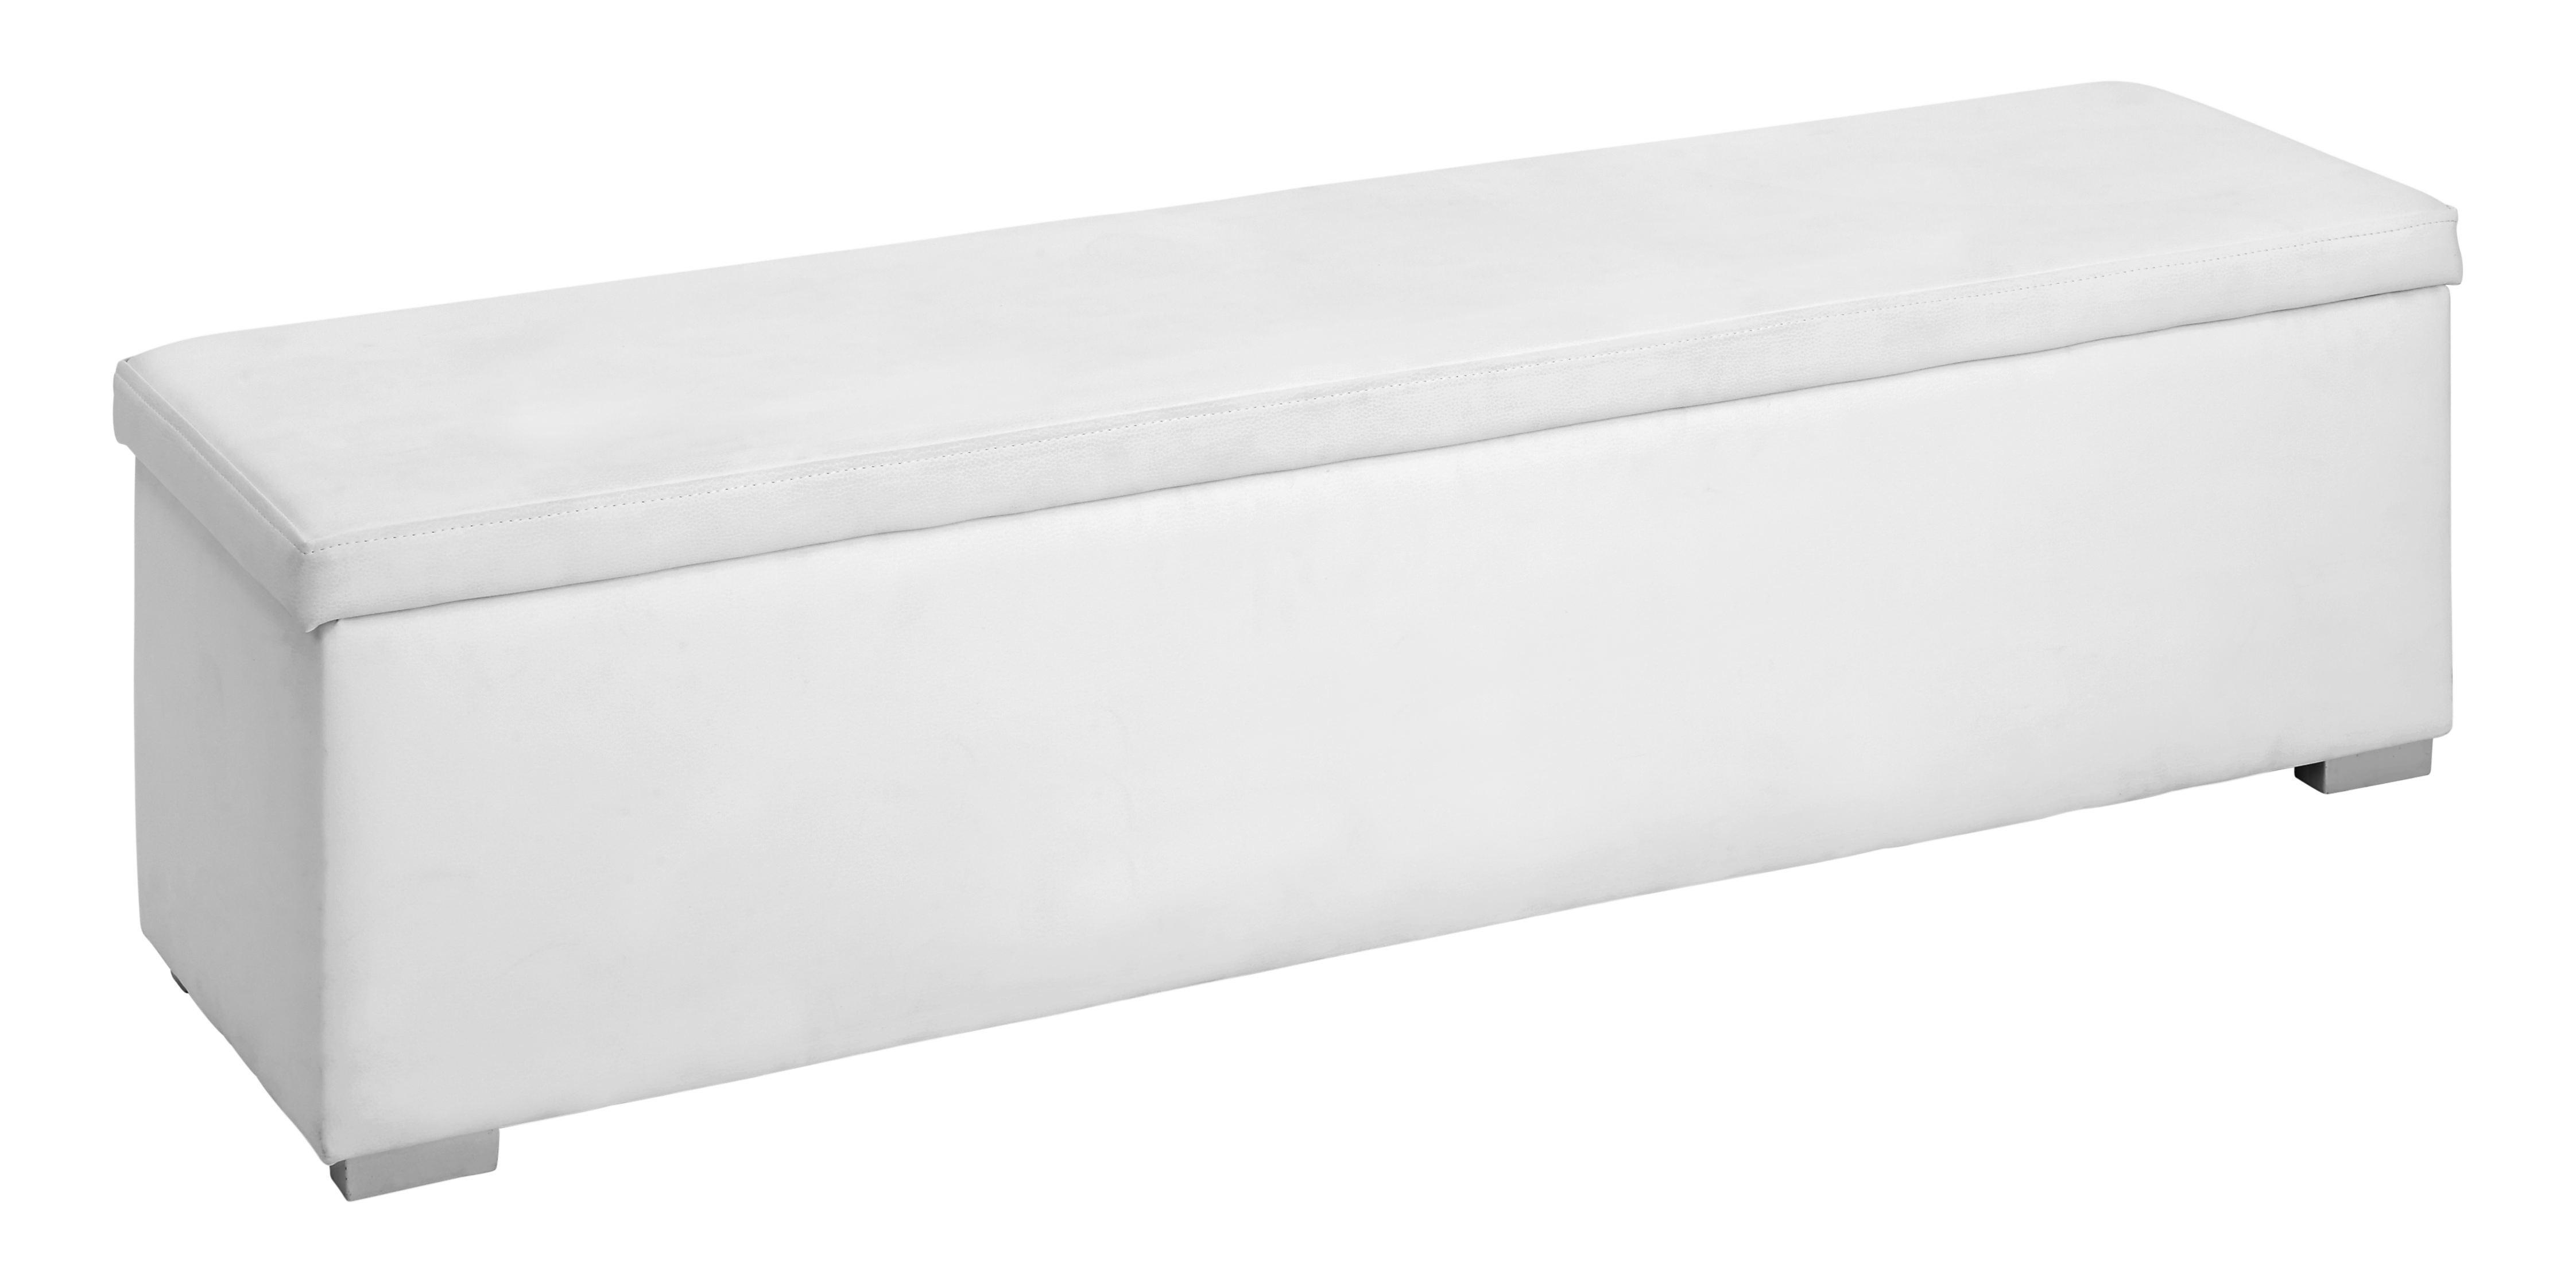 Truhenbank in Weiß, Aufklappbar - Silberfarben/Weiß, Holz/Holzwerkstoff (152/40/39cm) - MODERN LIVING